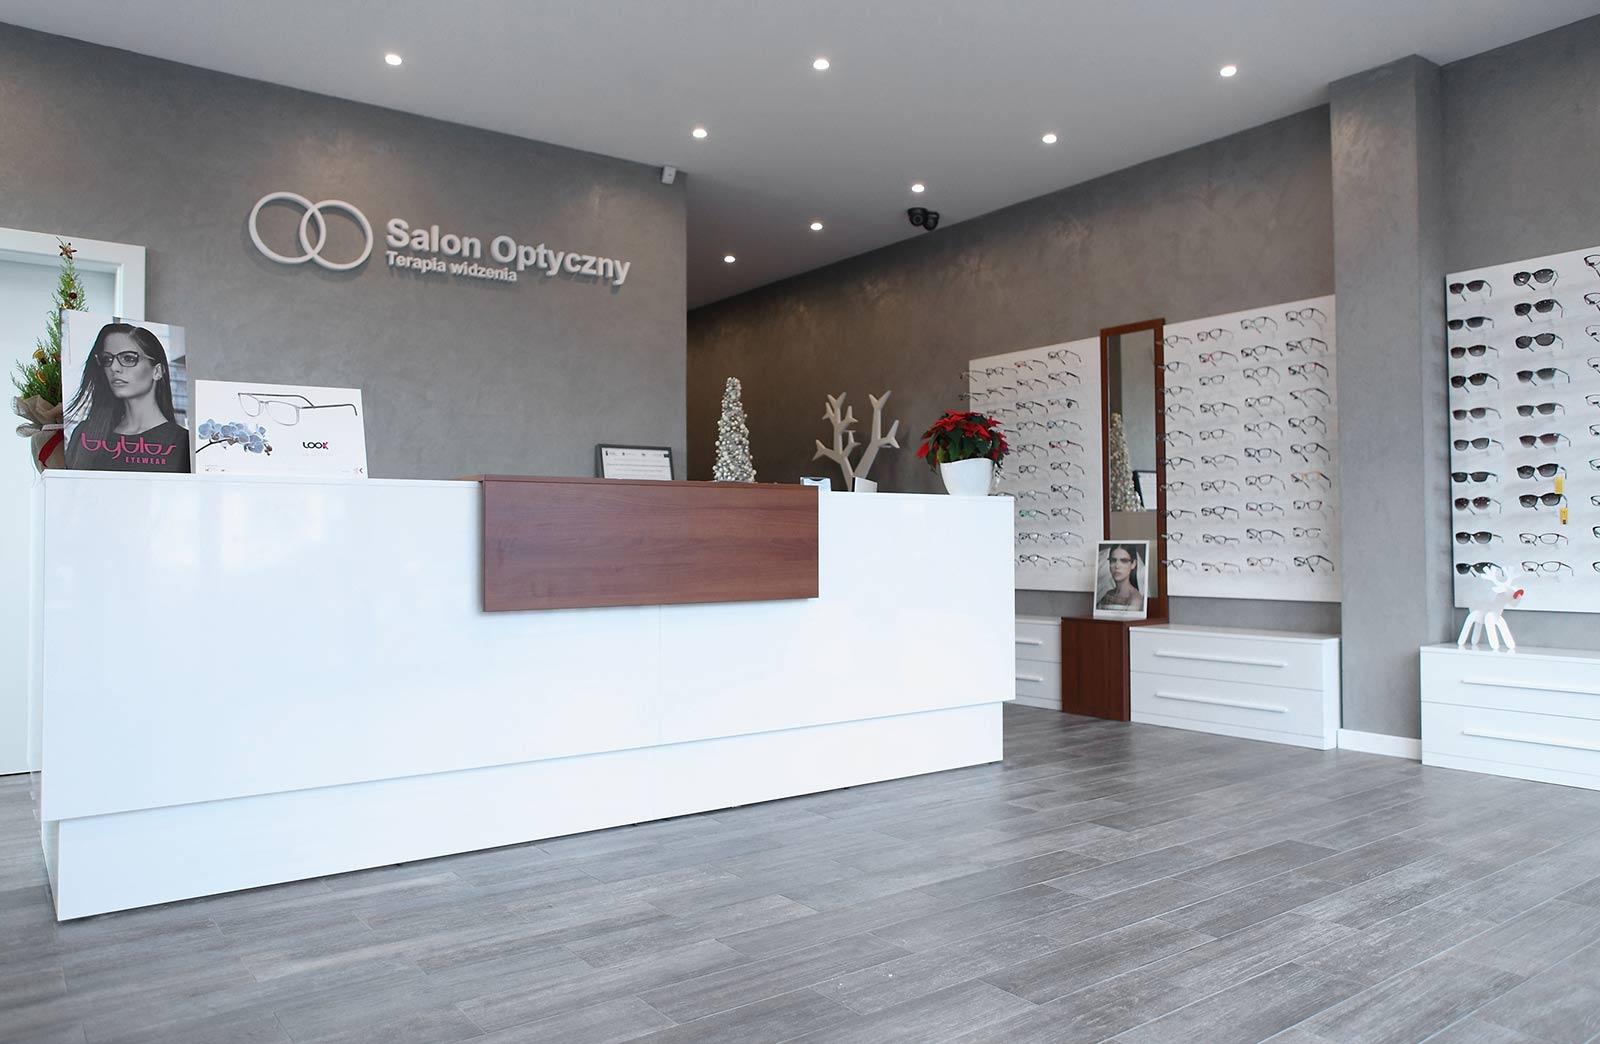 Salon Optyczny Terapia Widzenia w Brodnicy - recepcja